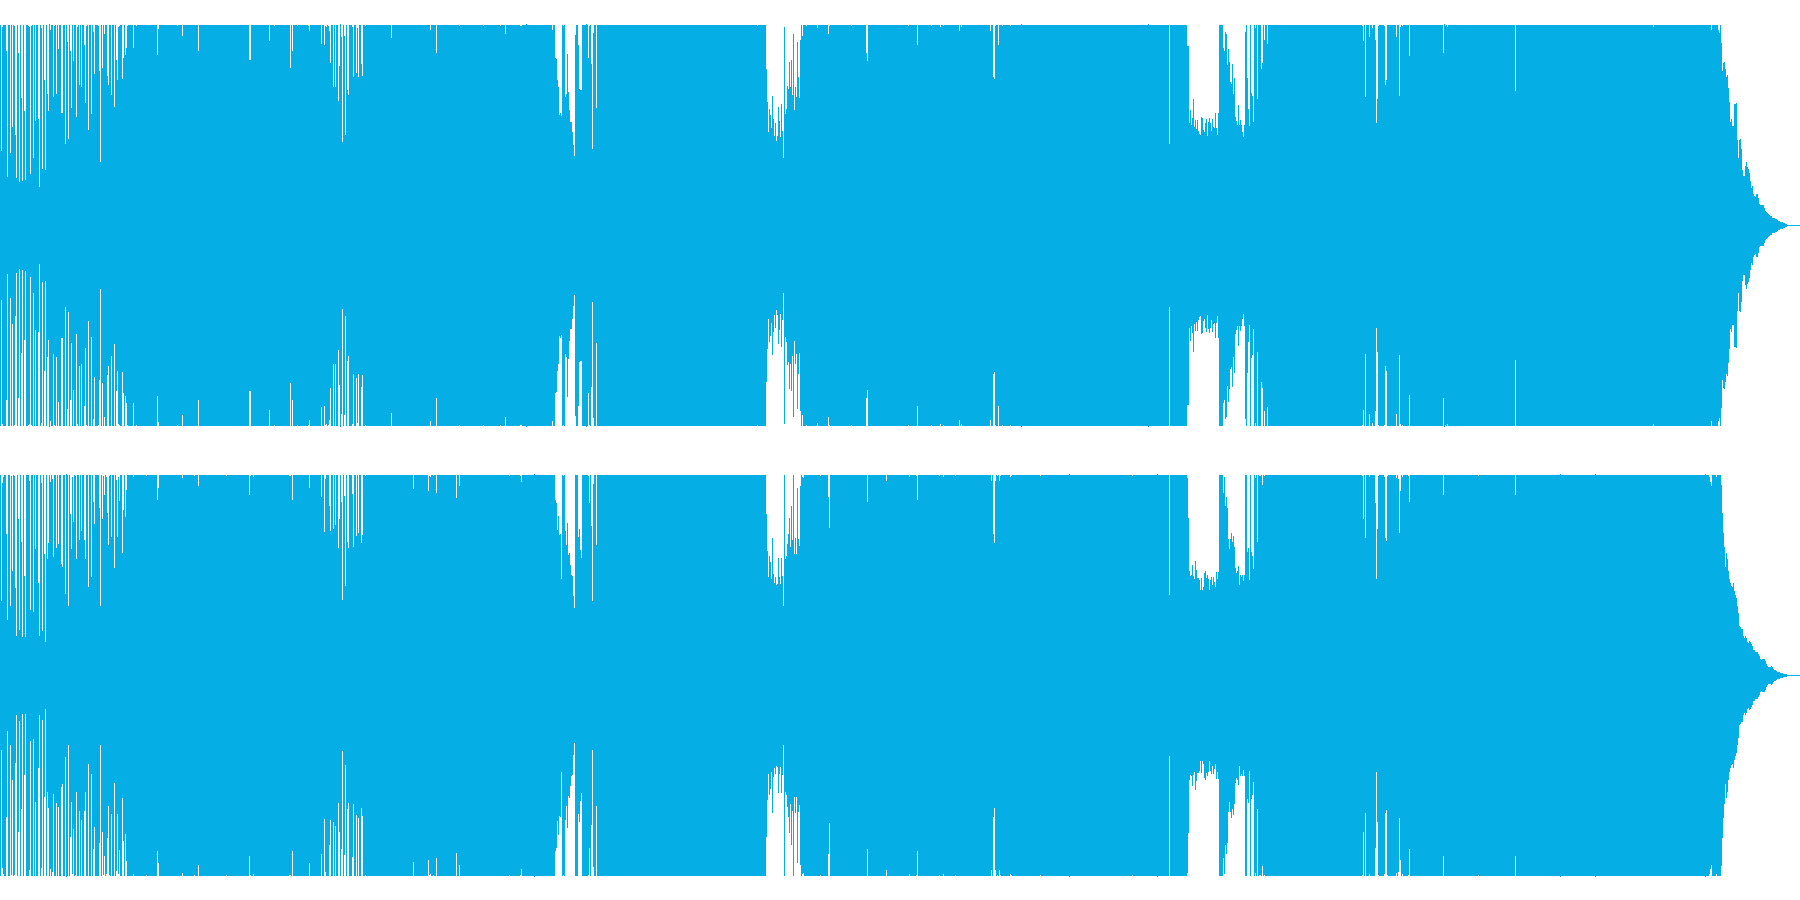 明日が見えない時に聴きたいエモロックの再生済みの波形